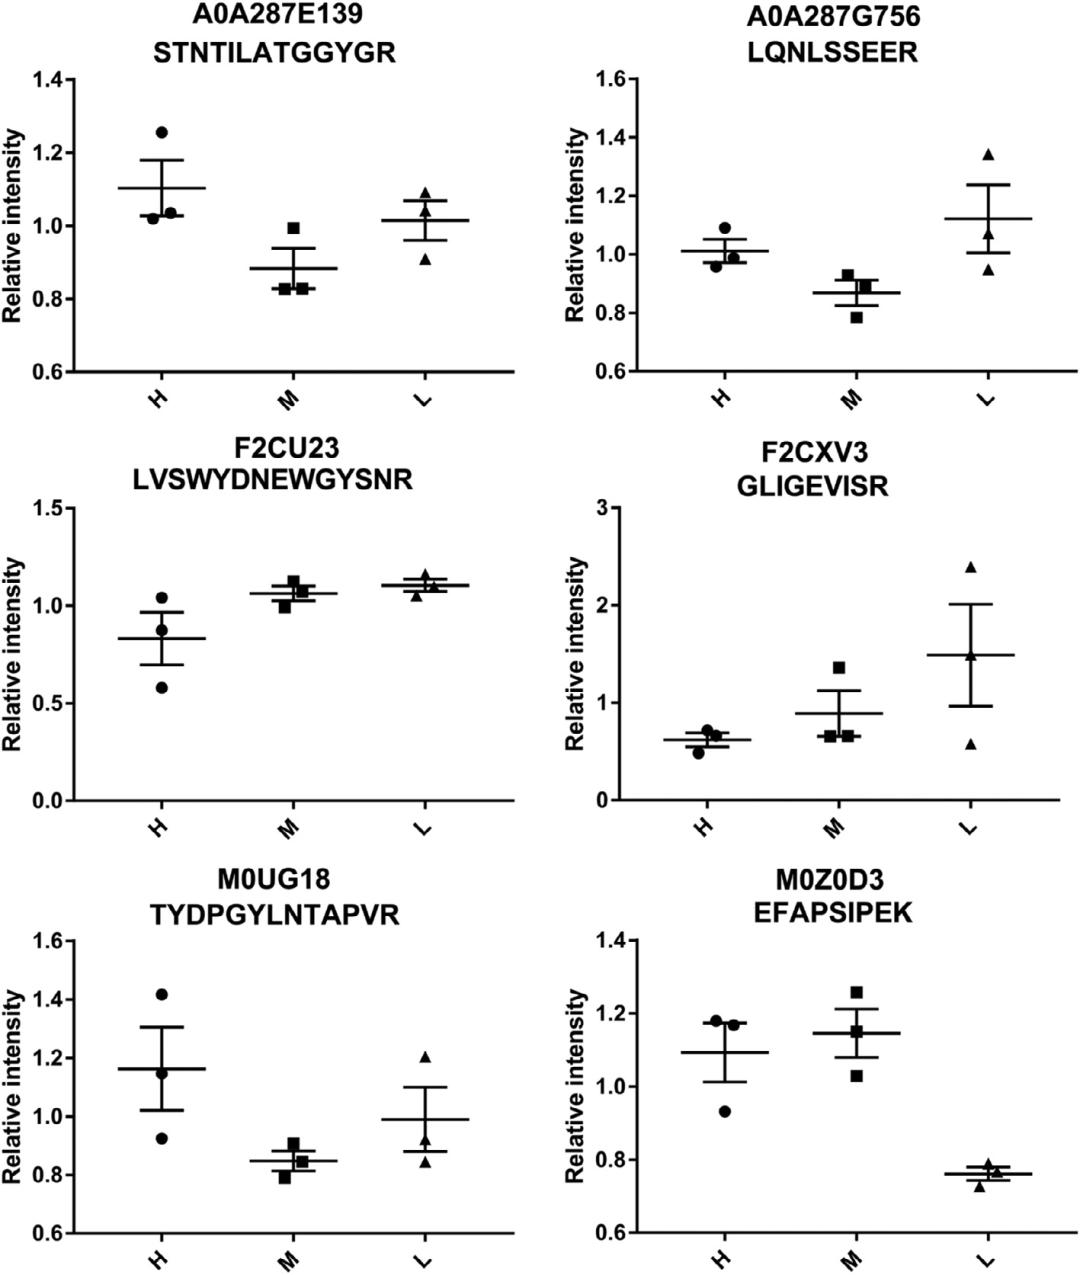 客户文献 | 利用定量蛋白质组学分析揭示青稞积累花青素的相关蛋白质和途径